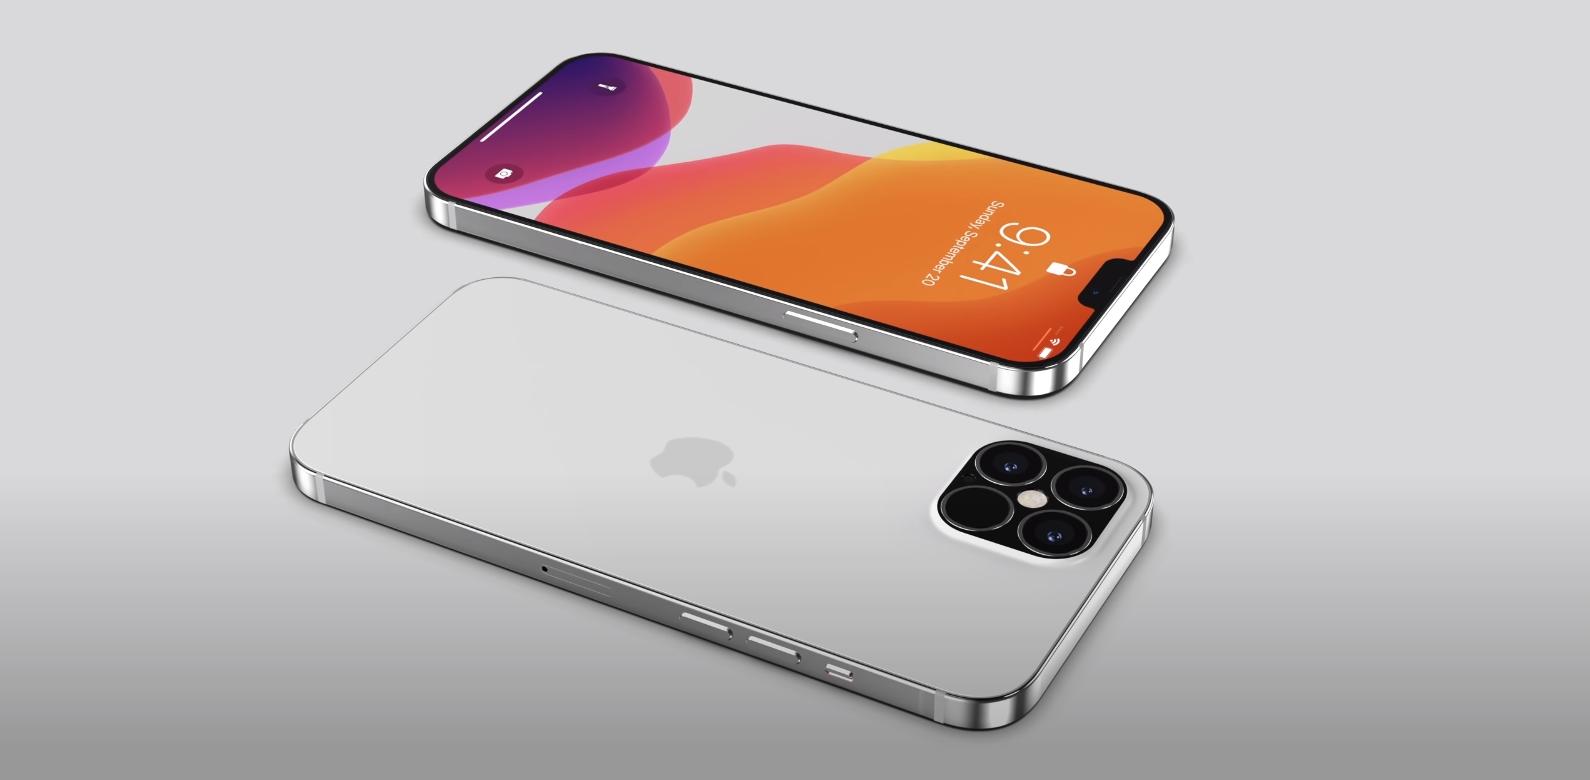 Údajný displej iPhone 12 uniká na dalším snímku